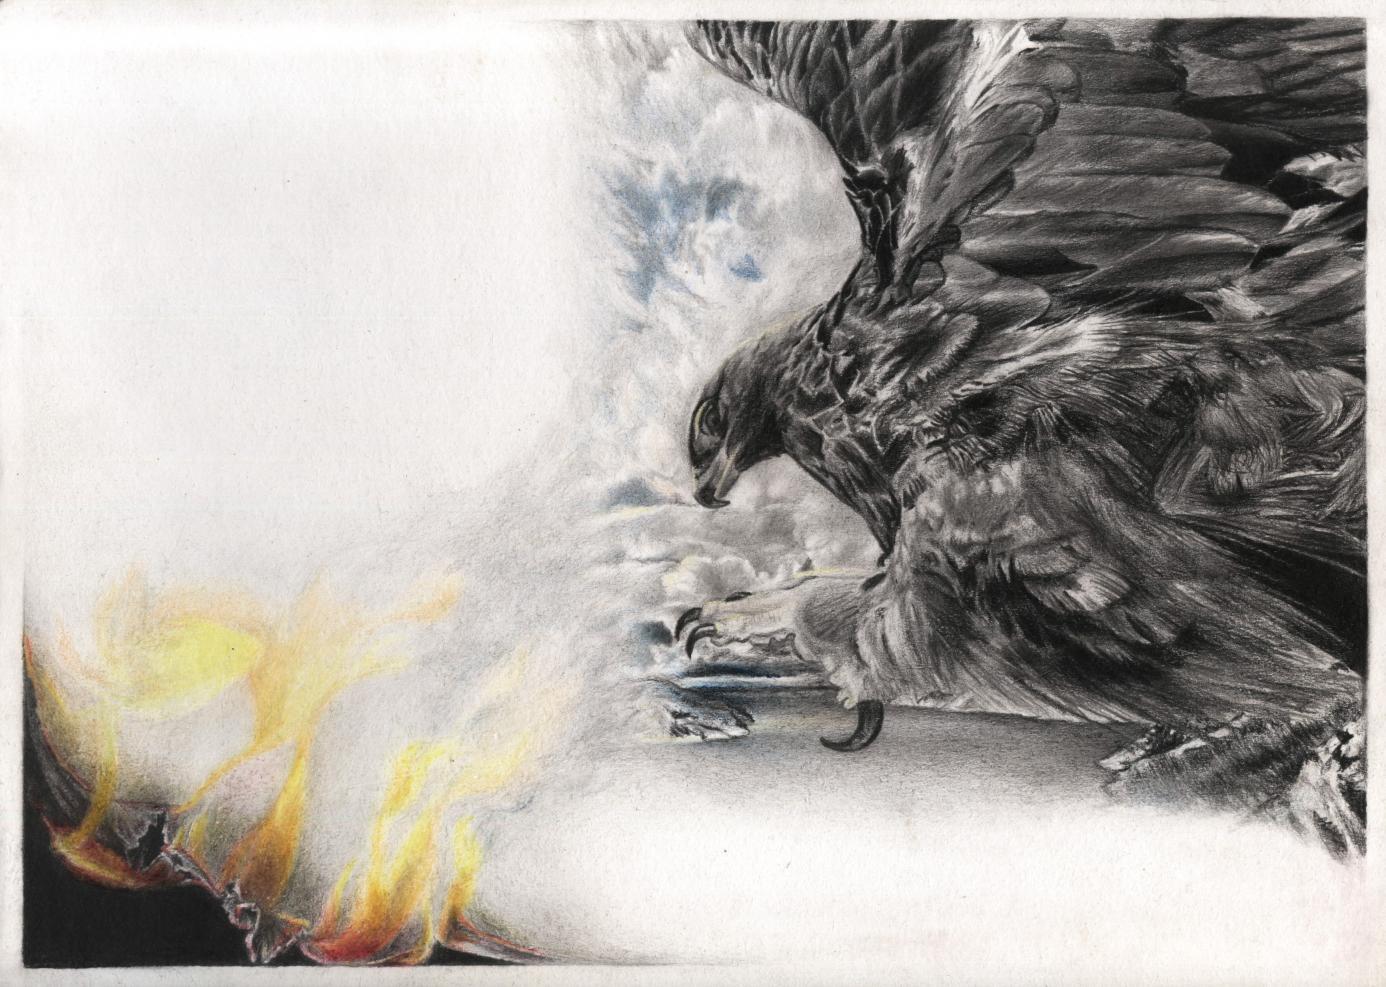 El mundo esta ardiendo como una hoja (2020) - Diego Alejandro Camargo